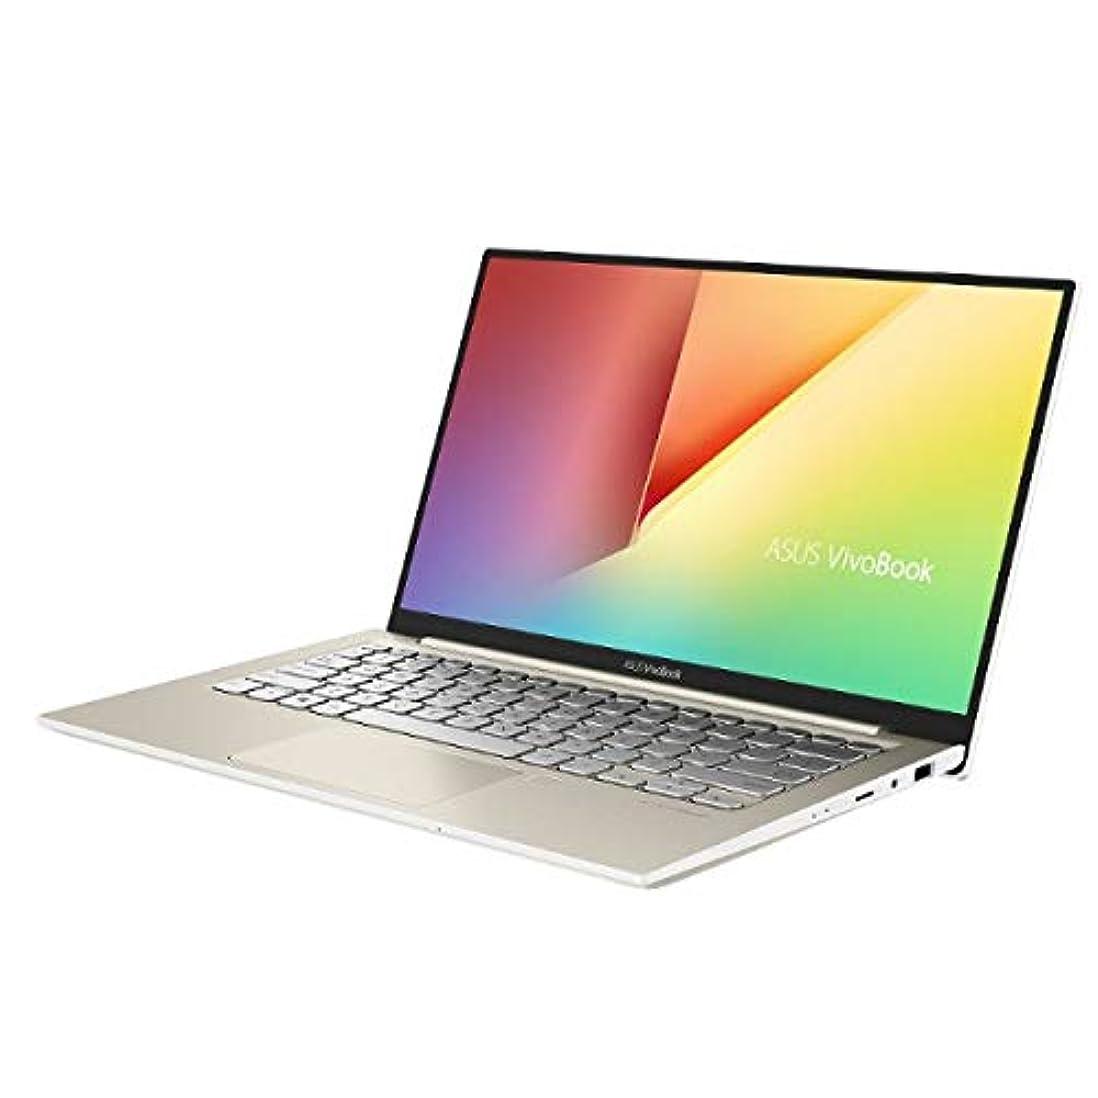 まだら無声で山積みのASUS(エイスース) 13.3型ノートパソコン ASUS VivoBook Sシリーズ S330UA(Core i3 / SSD128GB)アイシクルゴールド S330UA-8130GL